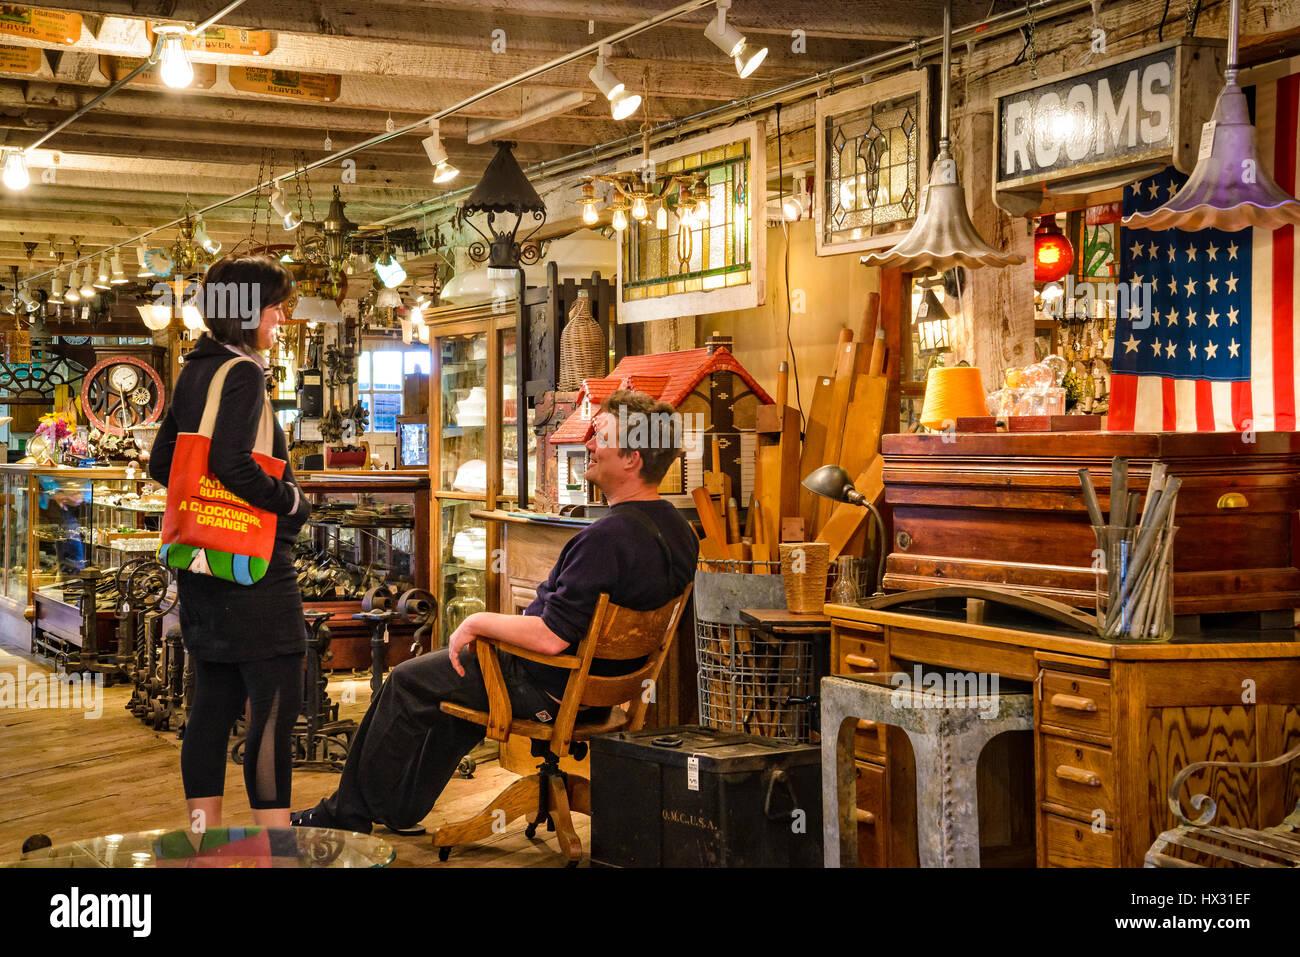 Paar Einkaufen bei Aurora Mühlen architektonische Bergung in Aurora, Oregon. Stockbild